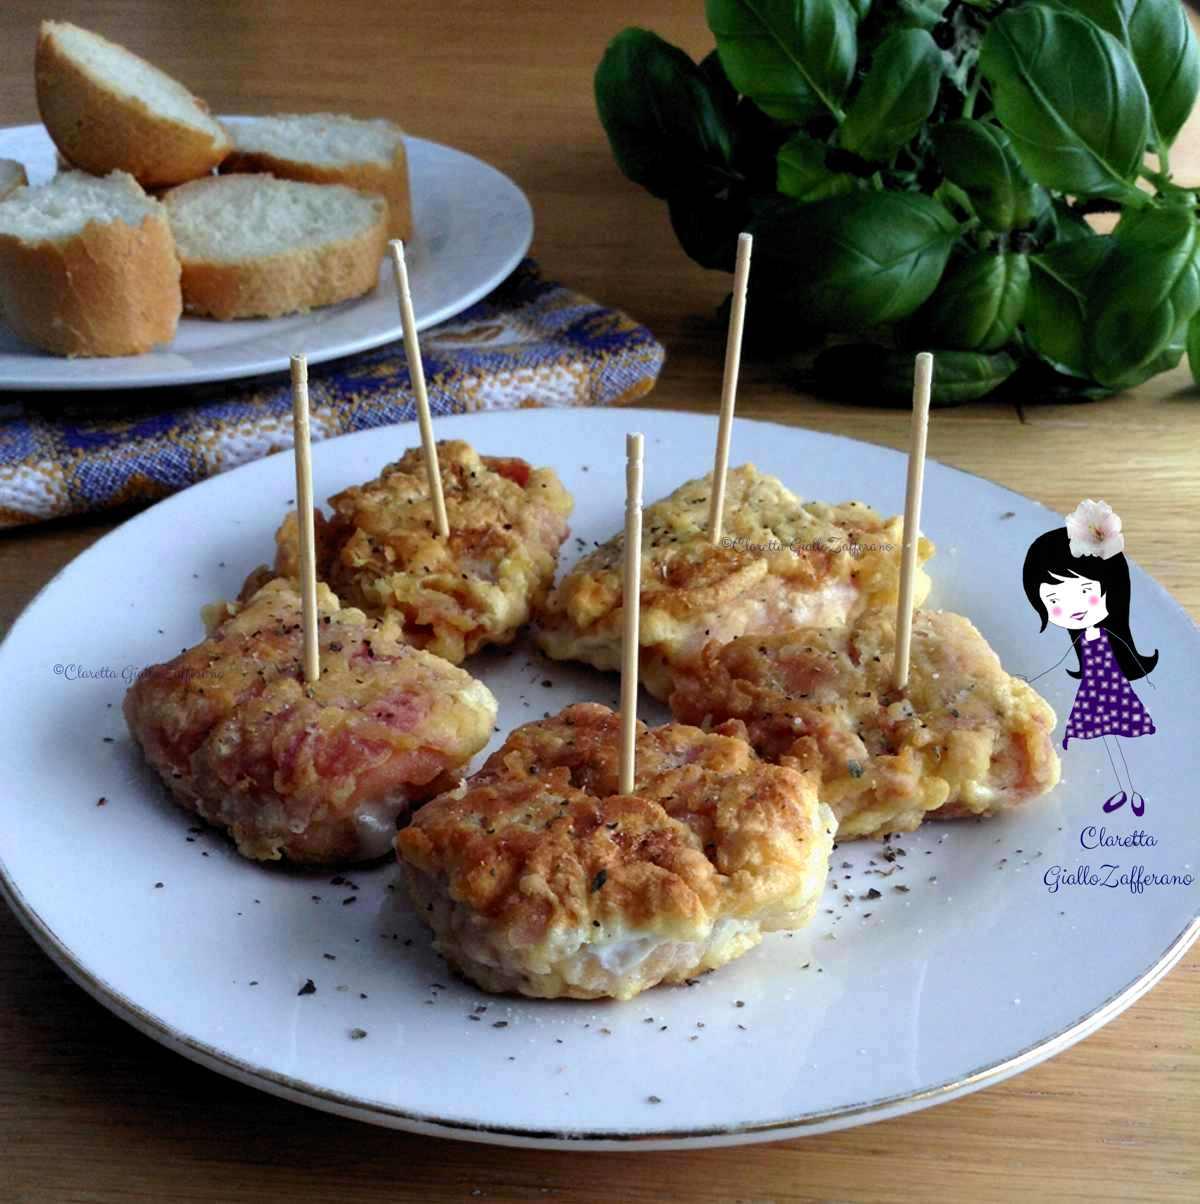 Finger food al prosciutto cotto, Ricetta sfiziosa, Finger food di carne, Claretta GialloZafferano